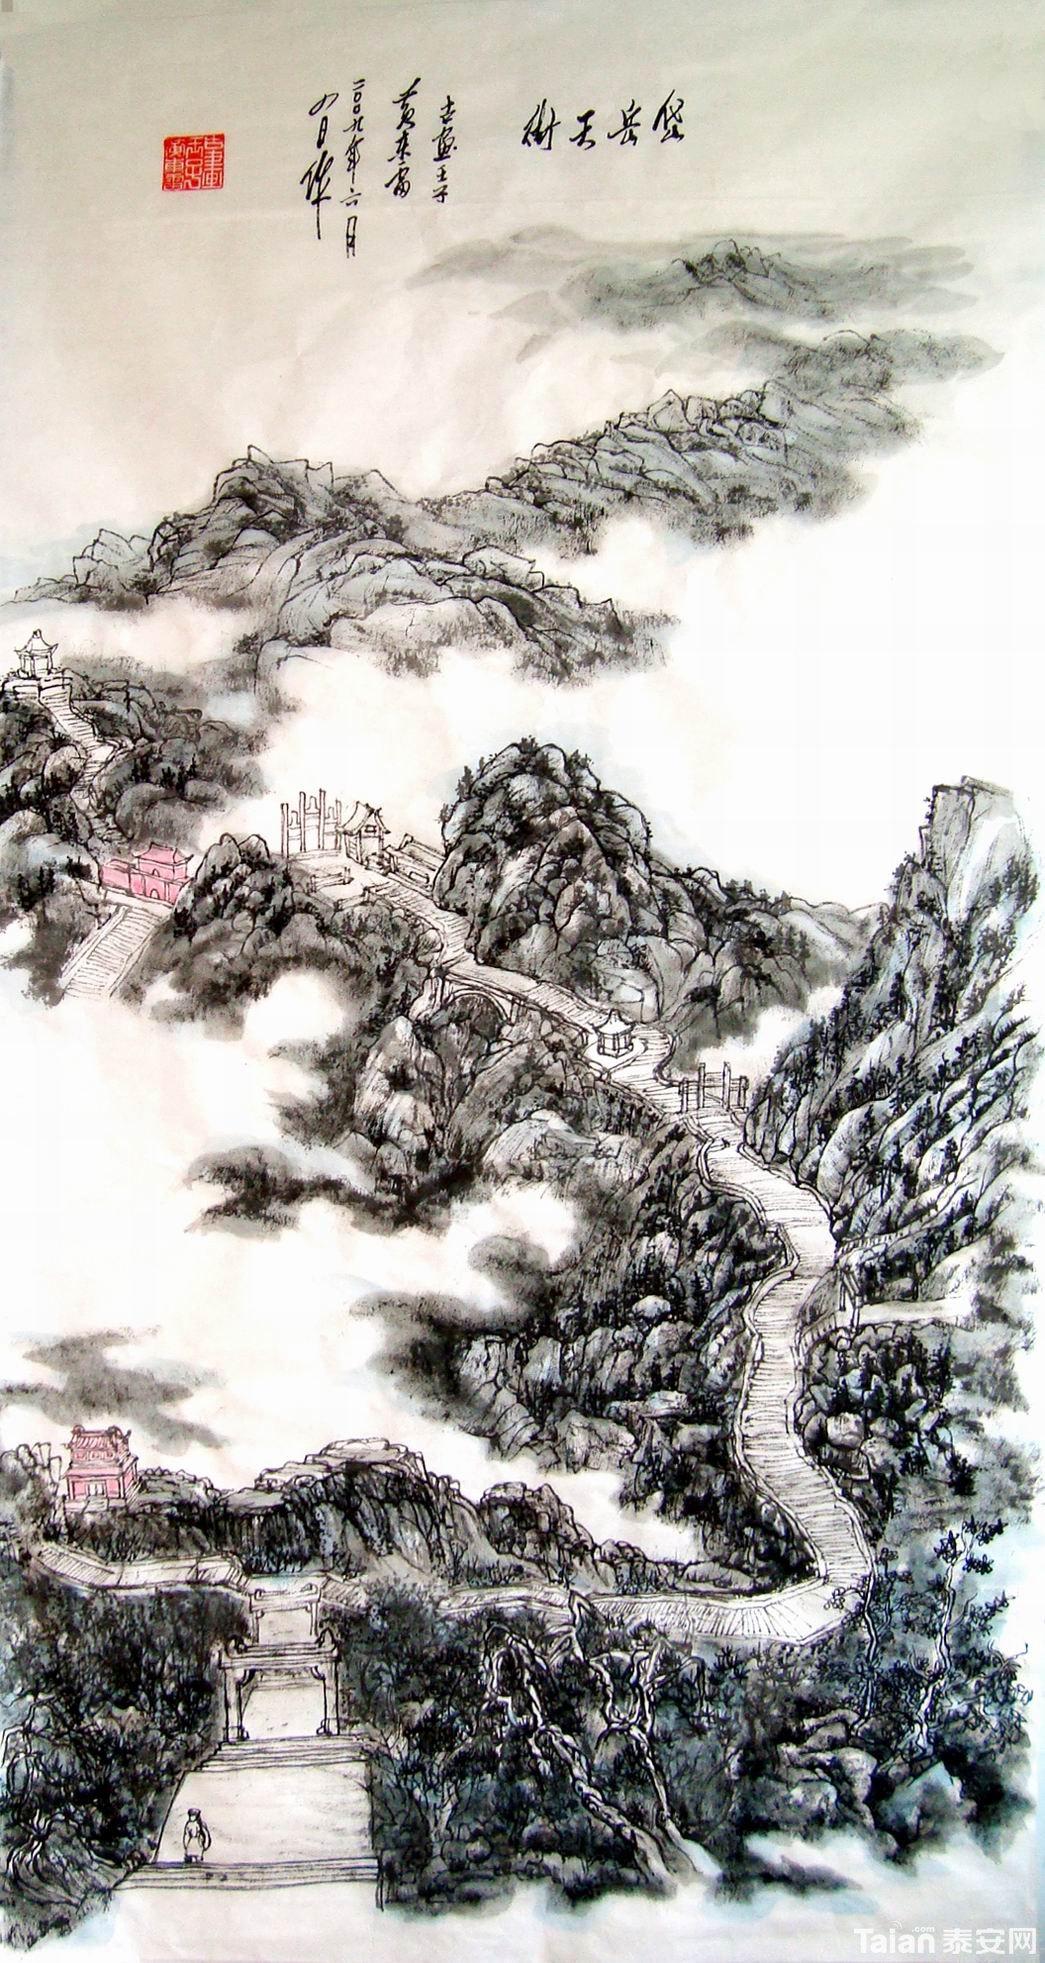 黄东雷 泰山岱岳国画-10.jpg